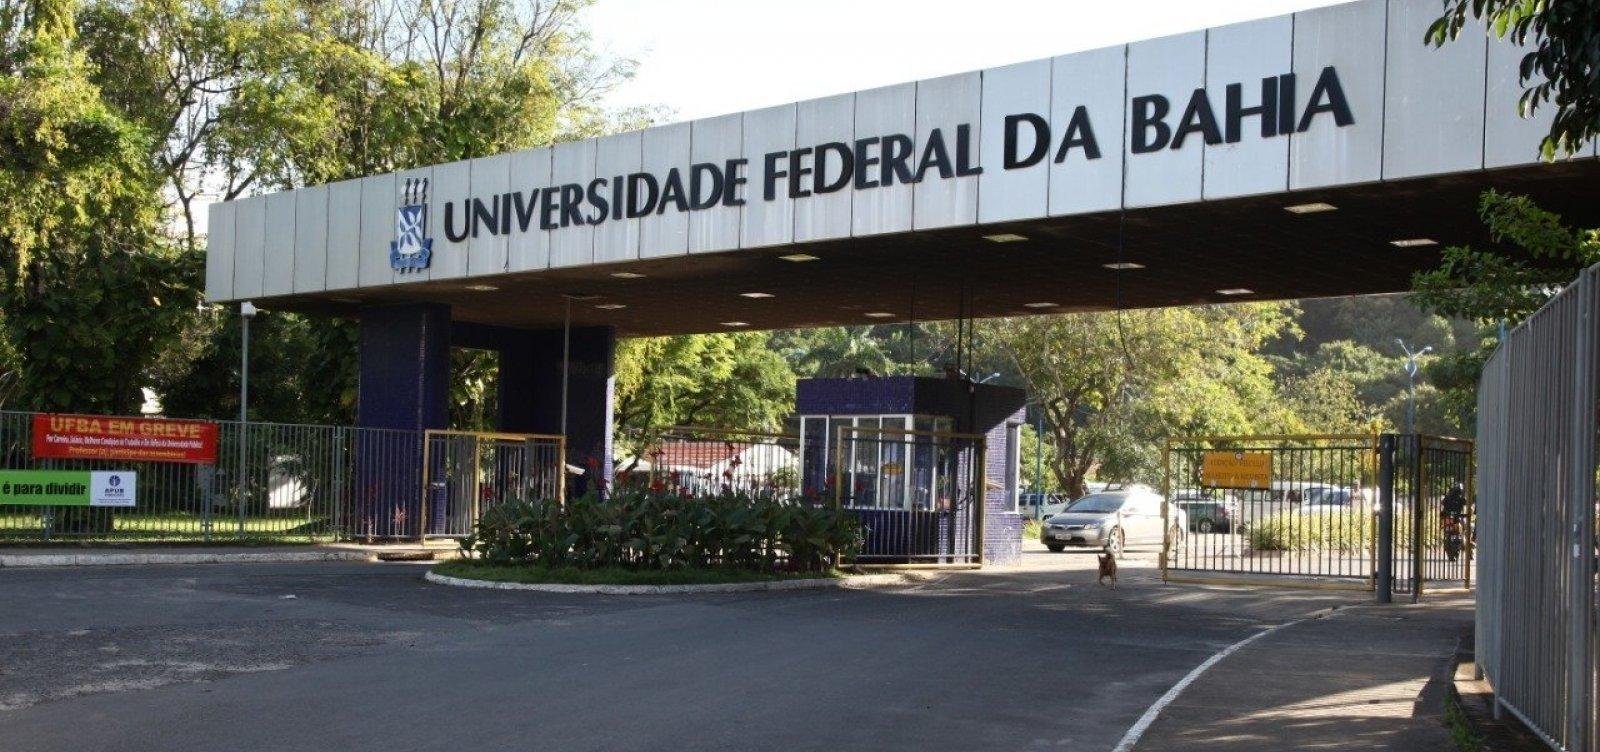 Não pode haver ação com caráter persecutório, diz Neto após corte na Ufba